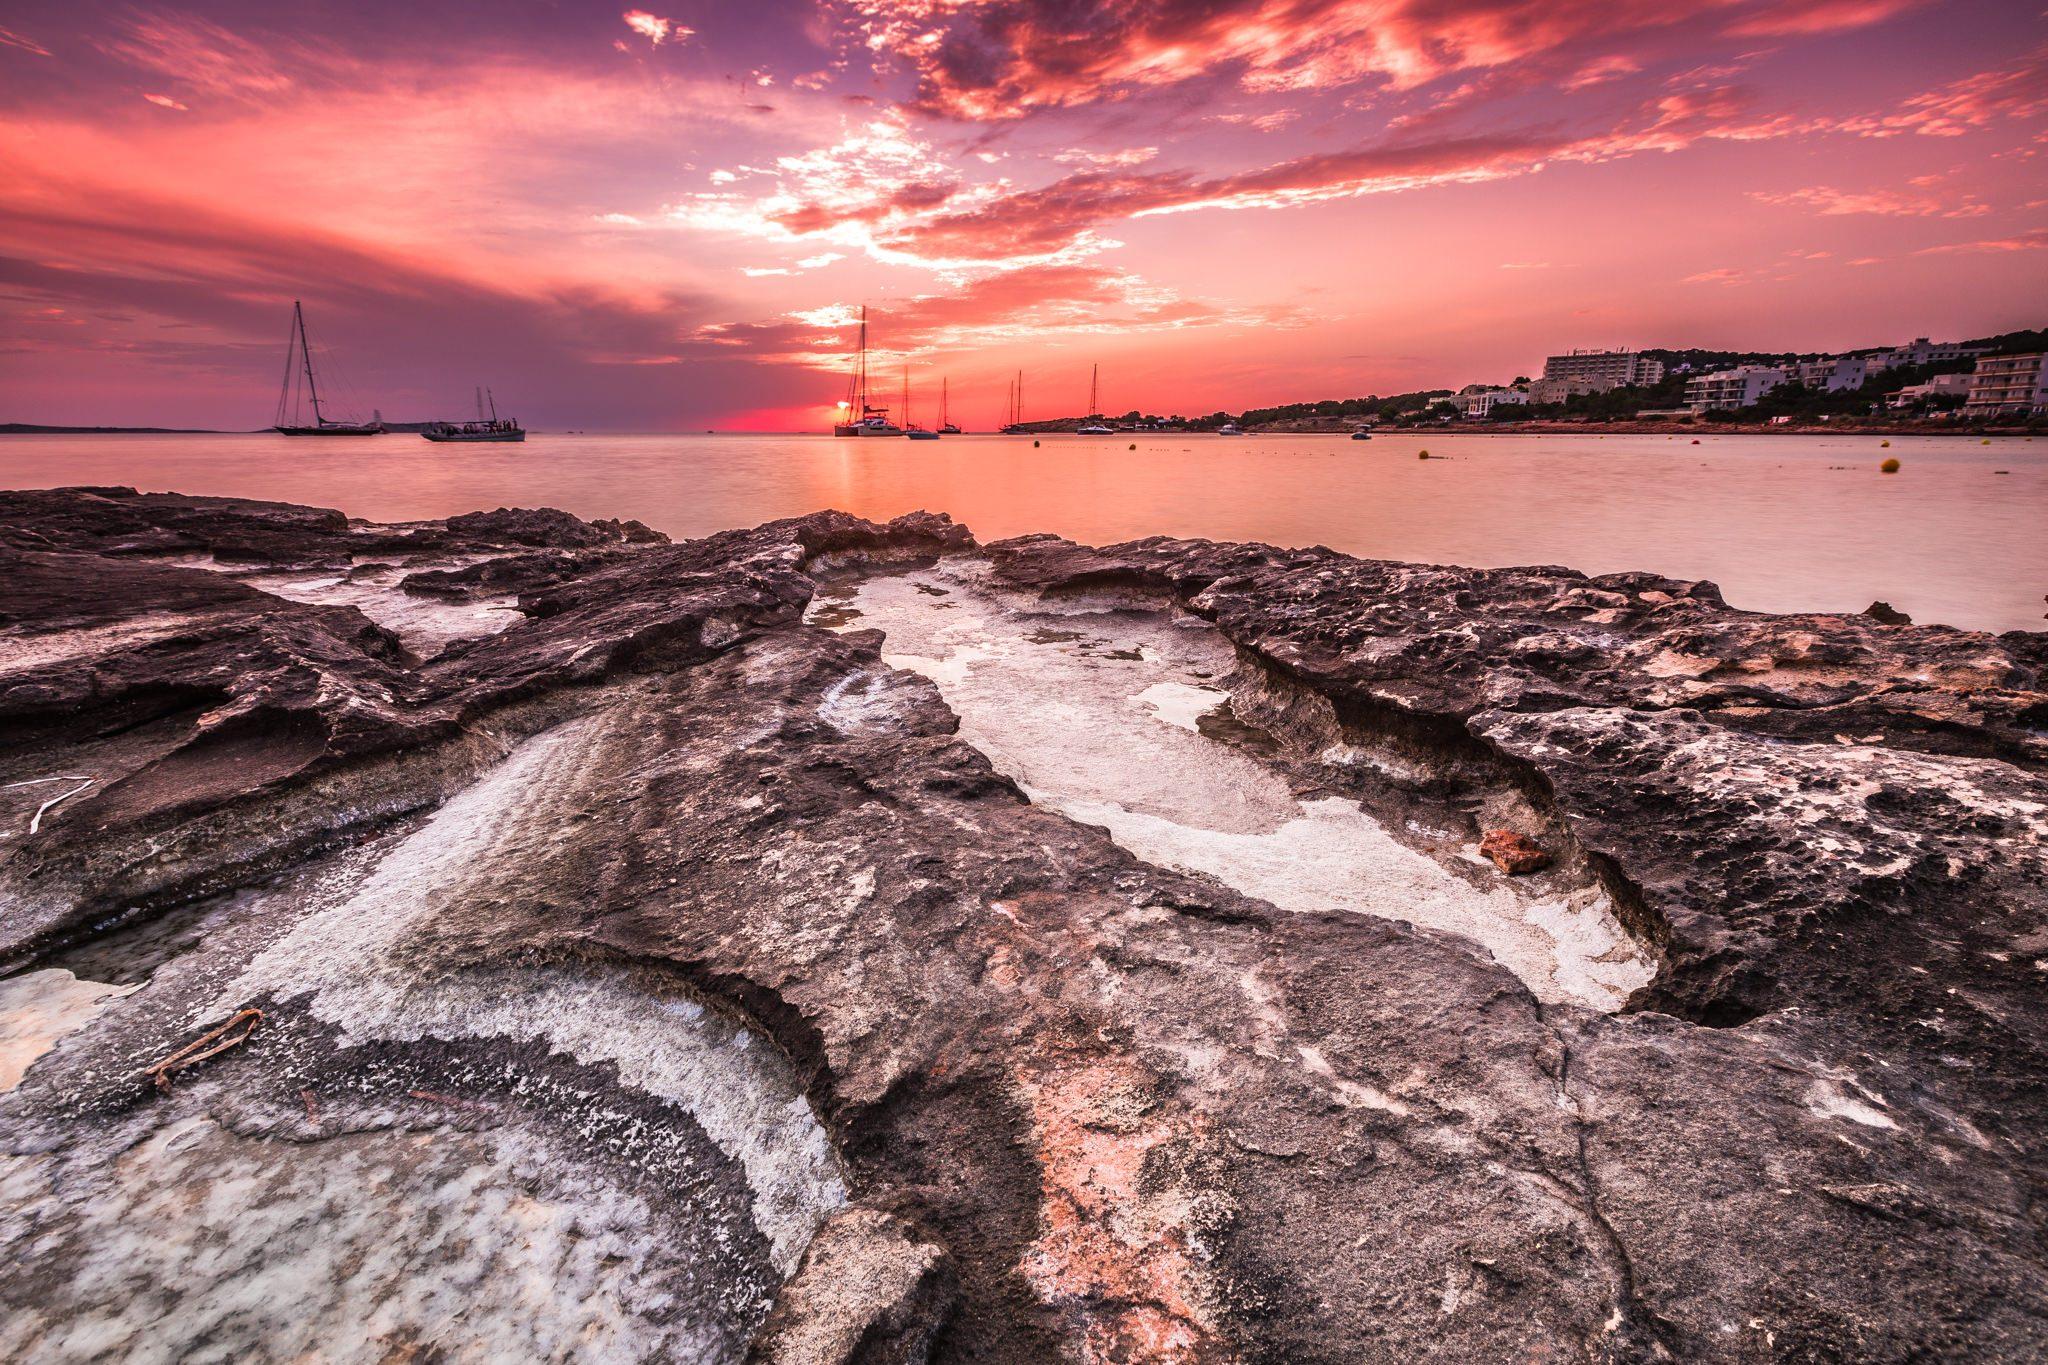 Fotografía de paisaje de larga exposición realizada en la puesta de sol desde San Antony de Portmany, Ibiza